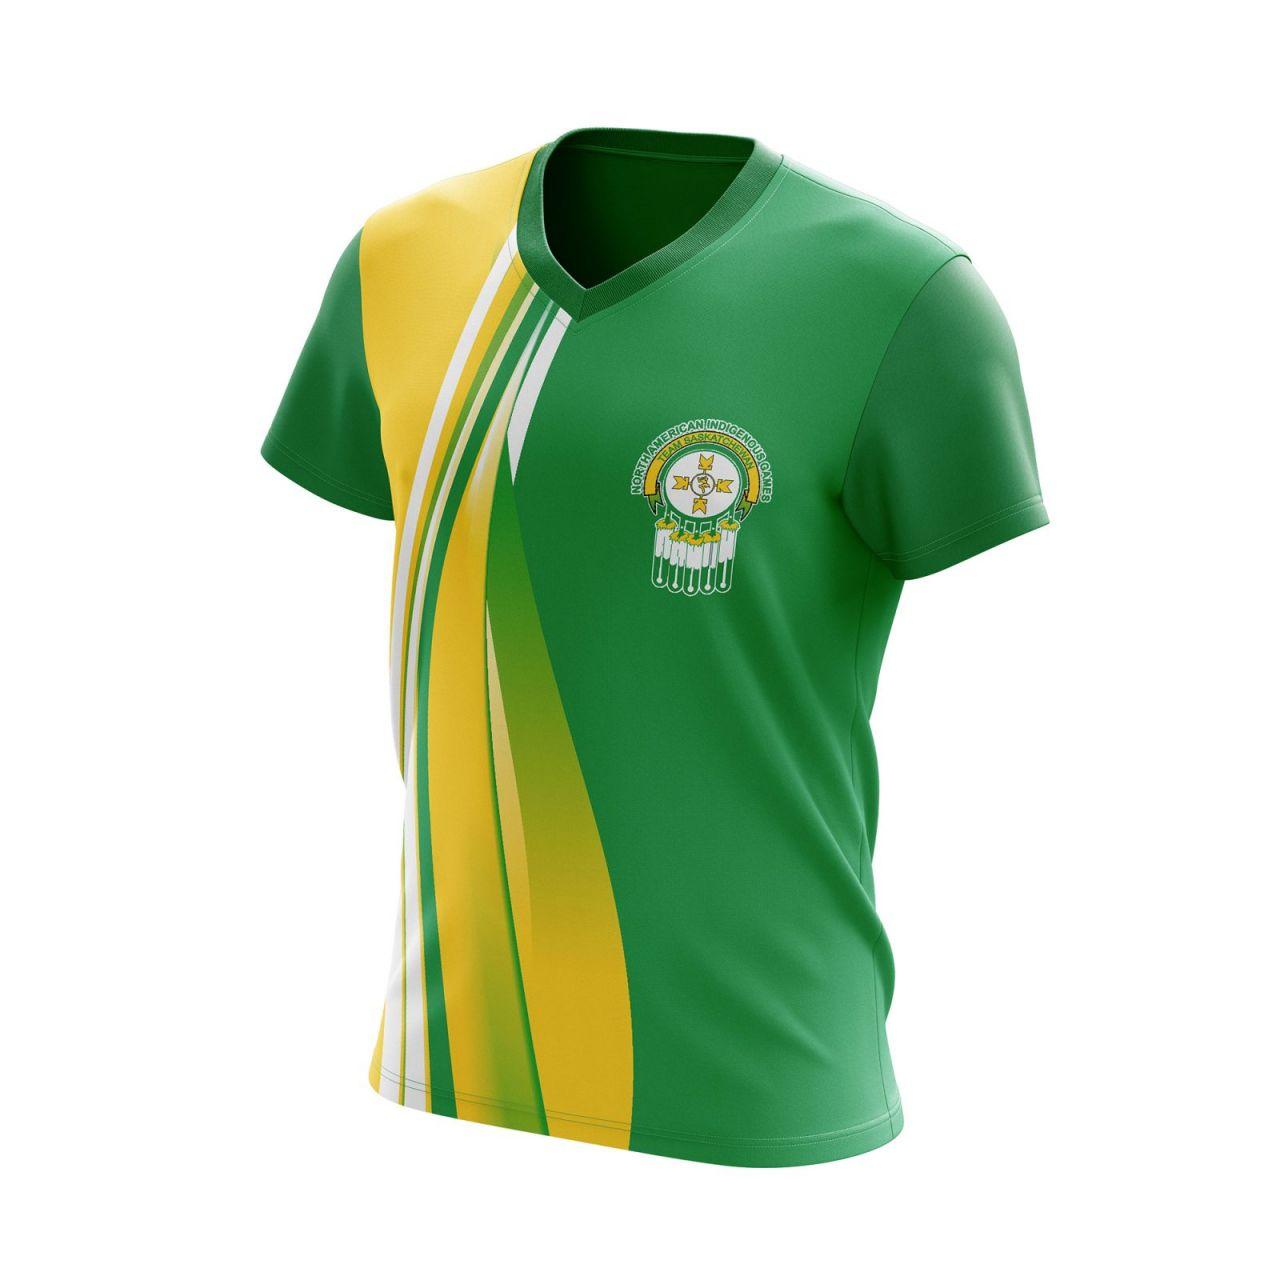 Mẫu áo thể thao dành cho câu lạc bộ, đội, nhóm